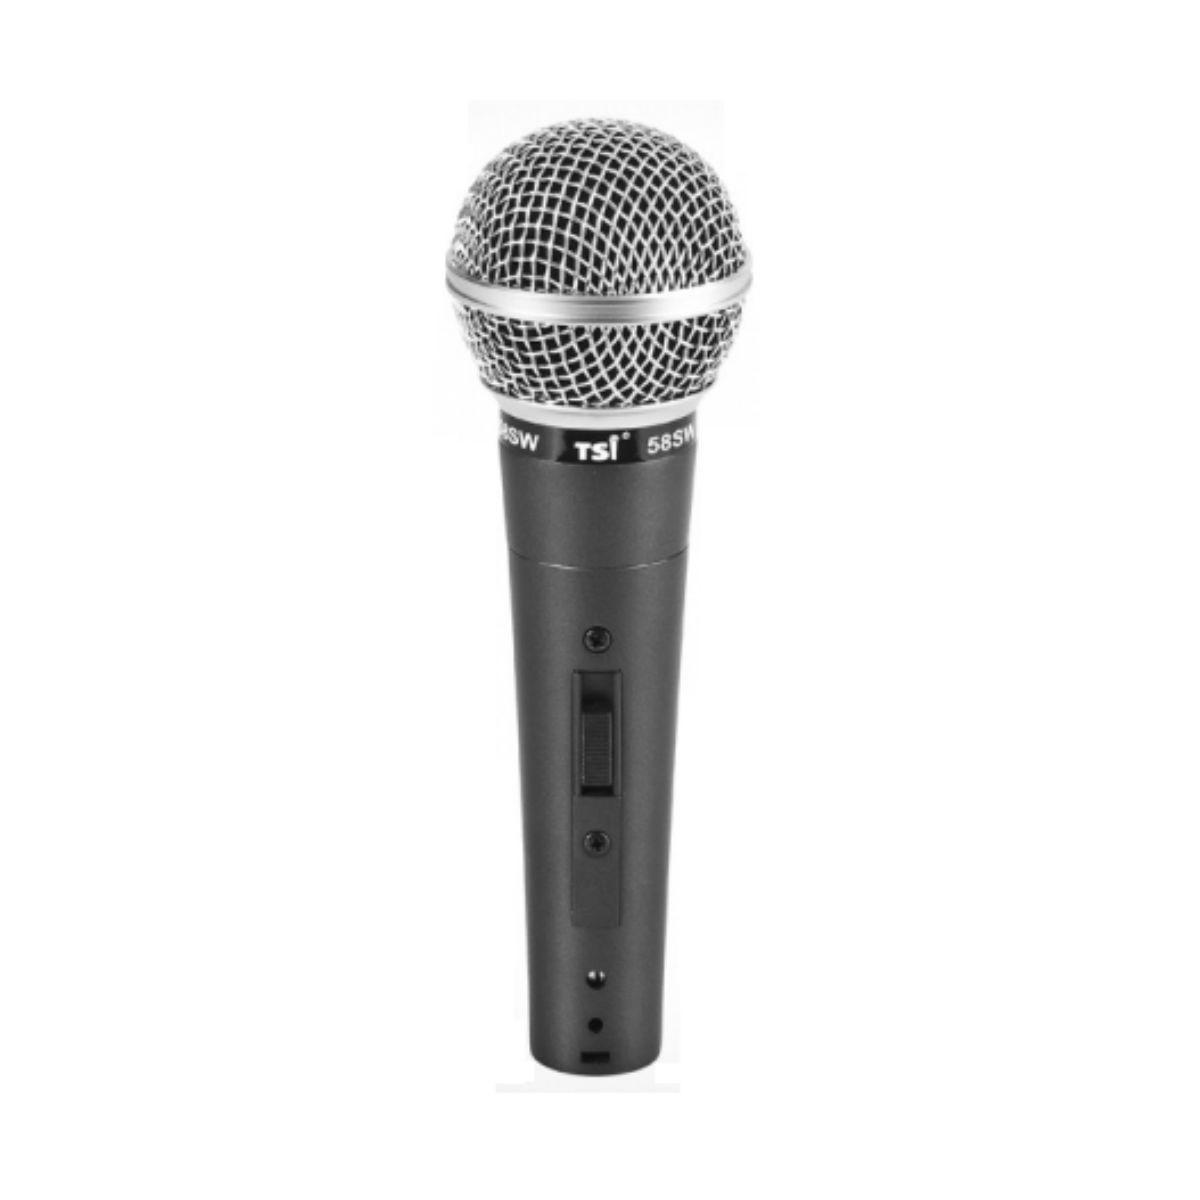 Microfone de Mão TSI 58SW com Fio e Cabo de 5 metros